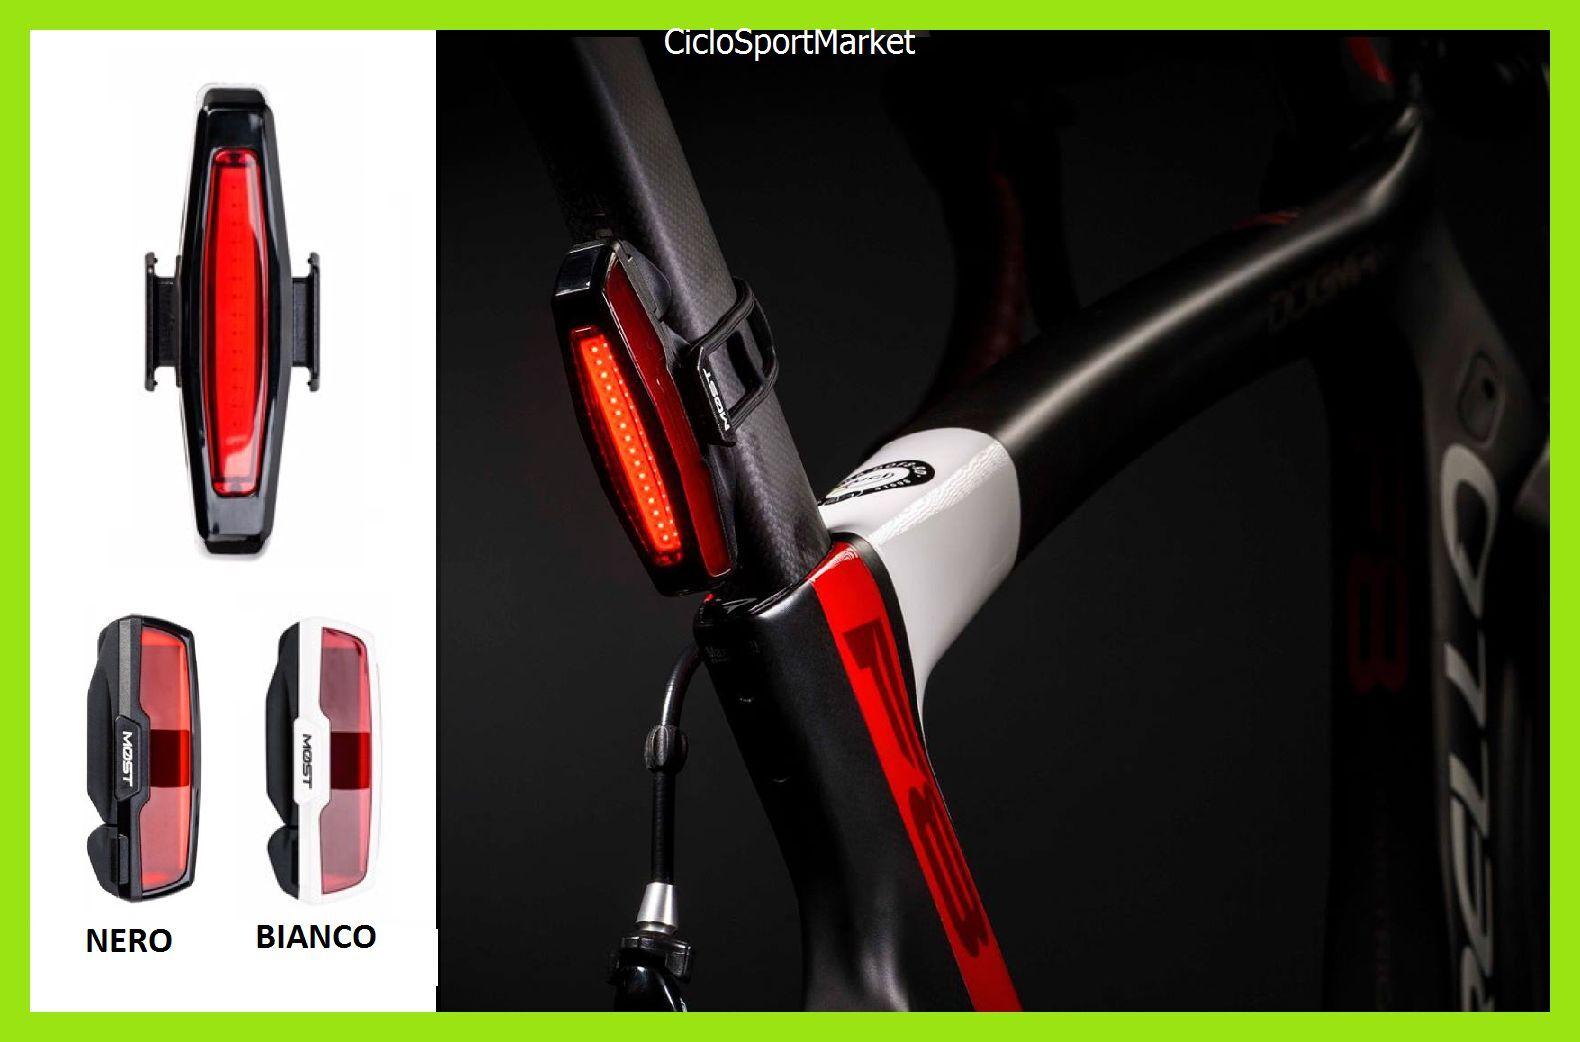 Scheinwerfer Licht Fahrrad Hinten Pinarello Most 2018 16 LED Ultra Glänzend